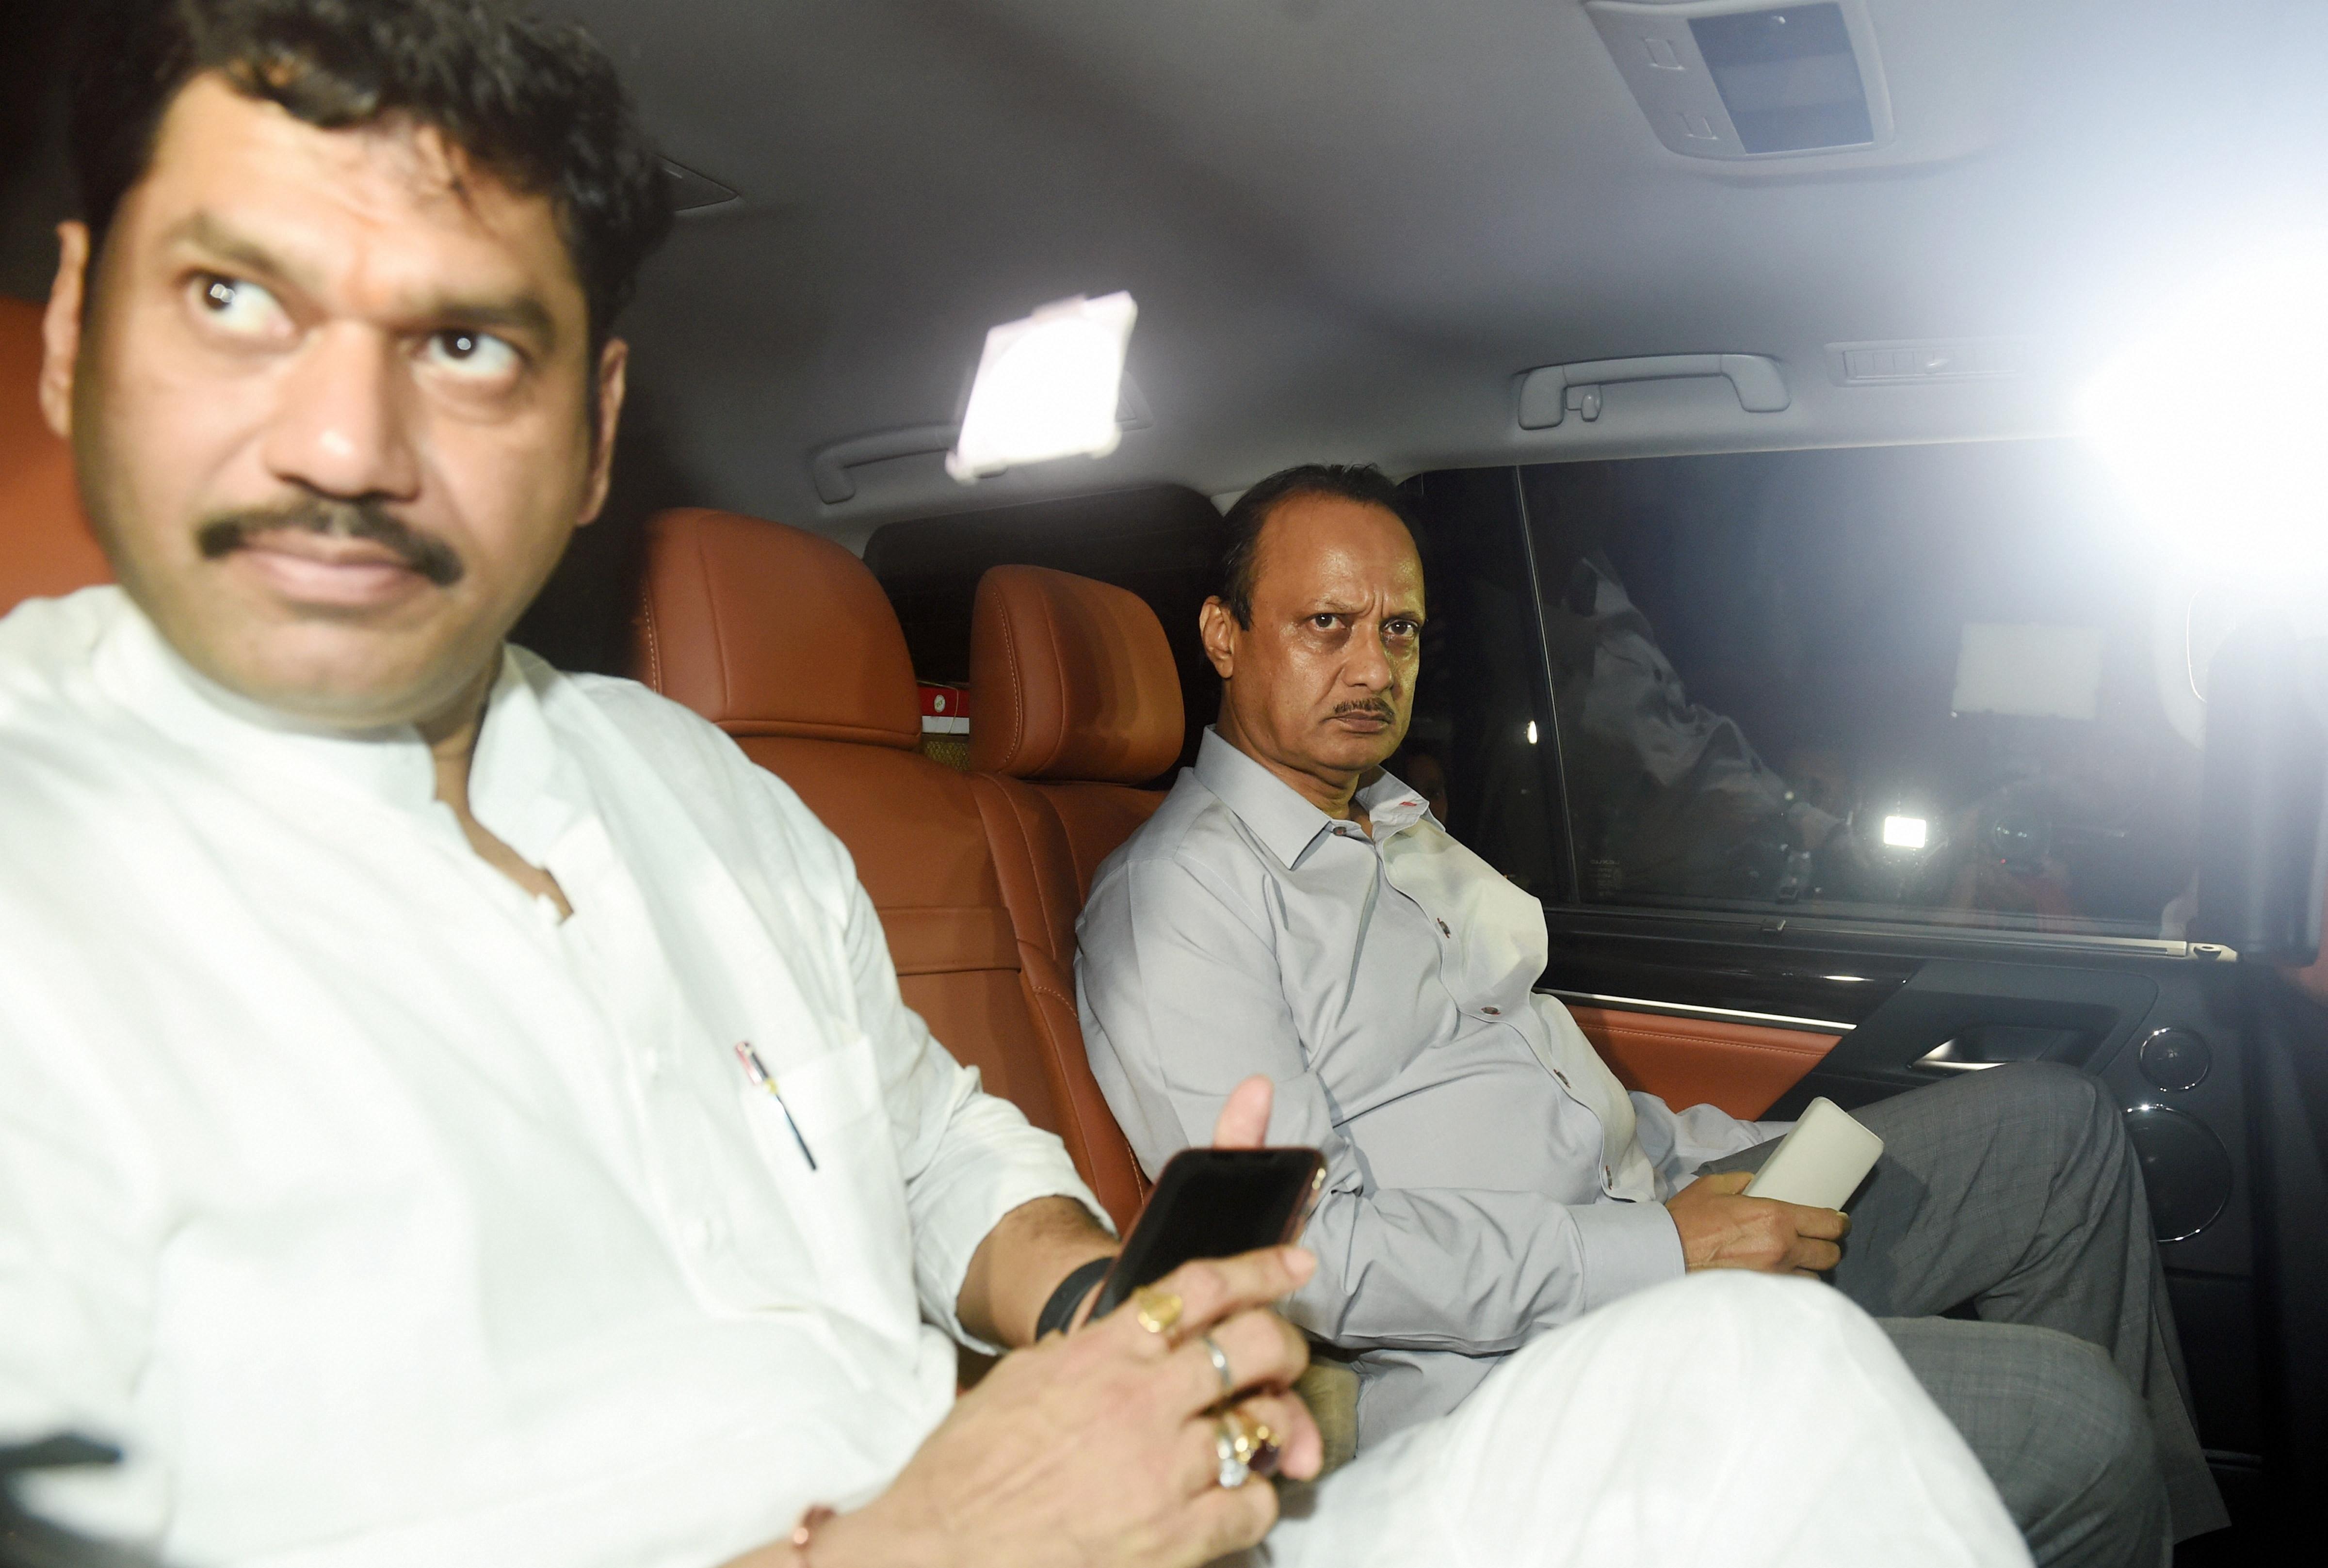 NCP leader Ajit Pawar arrives at Raj Bhavan to meet Maharashtra governor Bhagat Singh Koshyari in Mumbai on November 11.